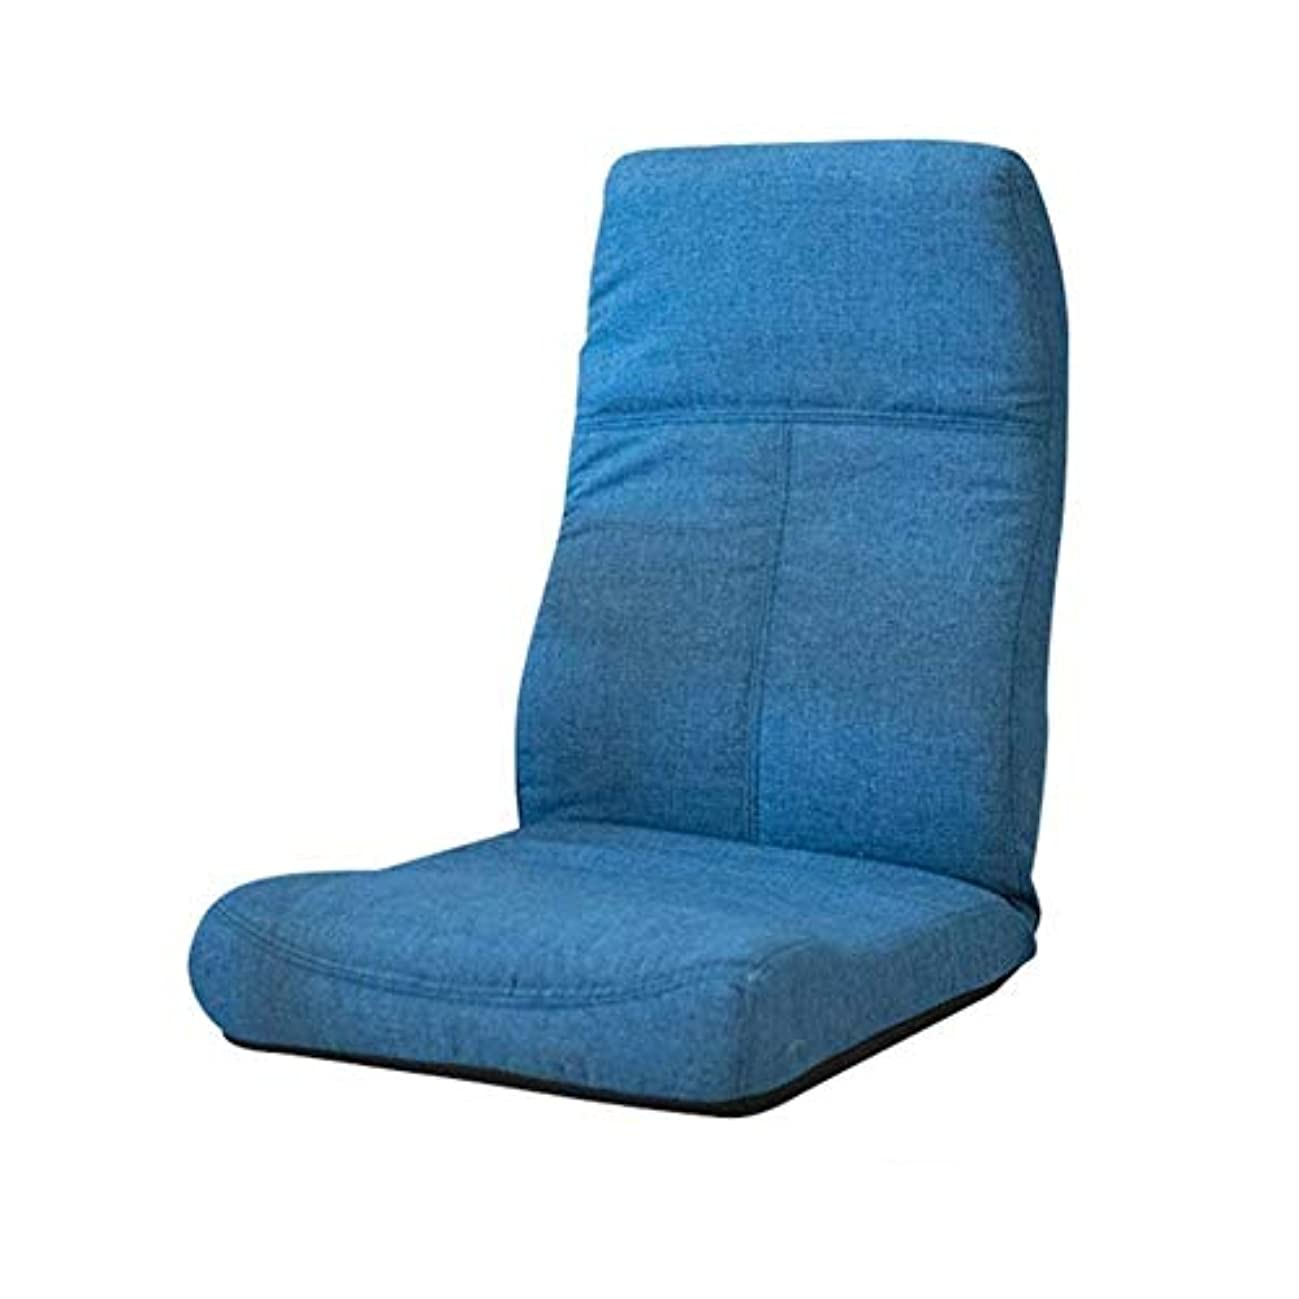 ウッズ約設定構成員瞑想の椅子、座るソファー、折りたたみ畳の床、折り畳み式の洗える増粘、バルコニーの寝室のコンピュータークッションブルー